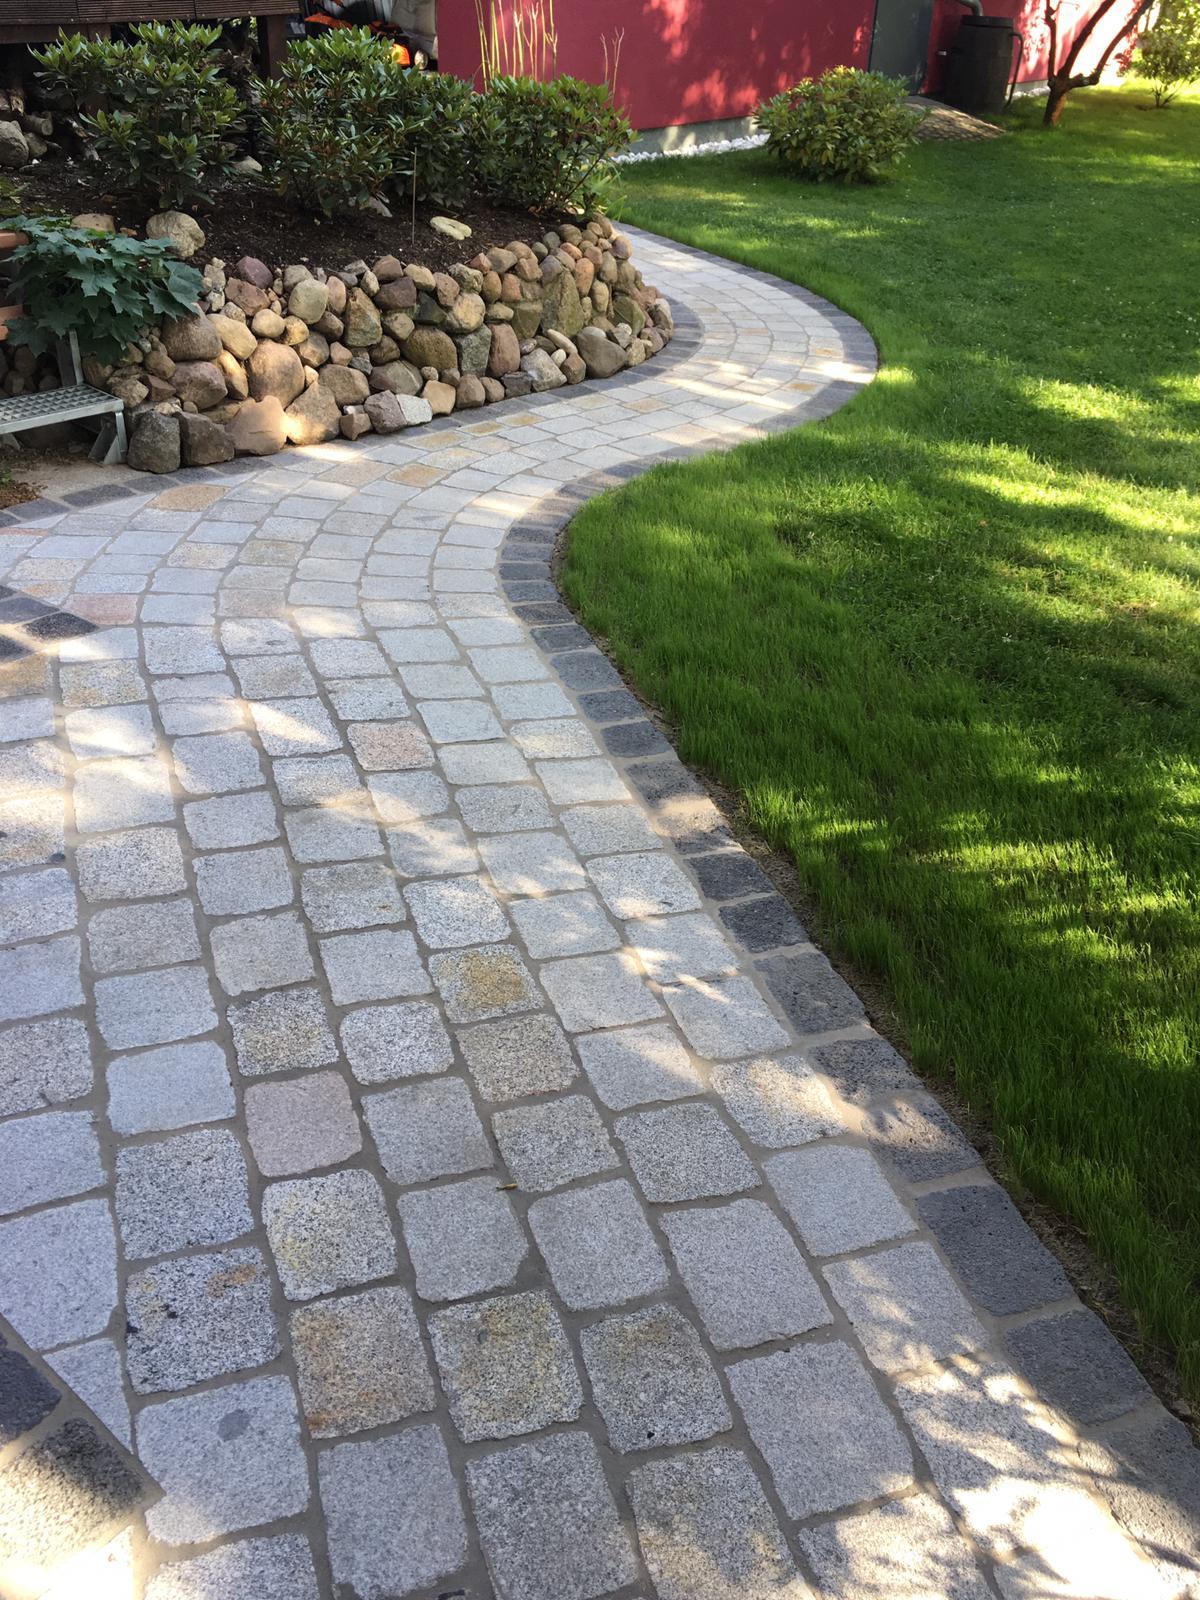 granit-großpflaster-gesägt-überwiegend-grau-schlacke1